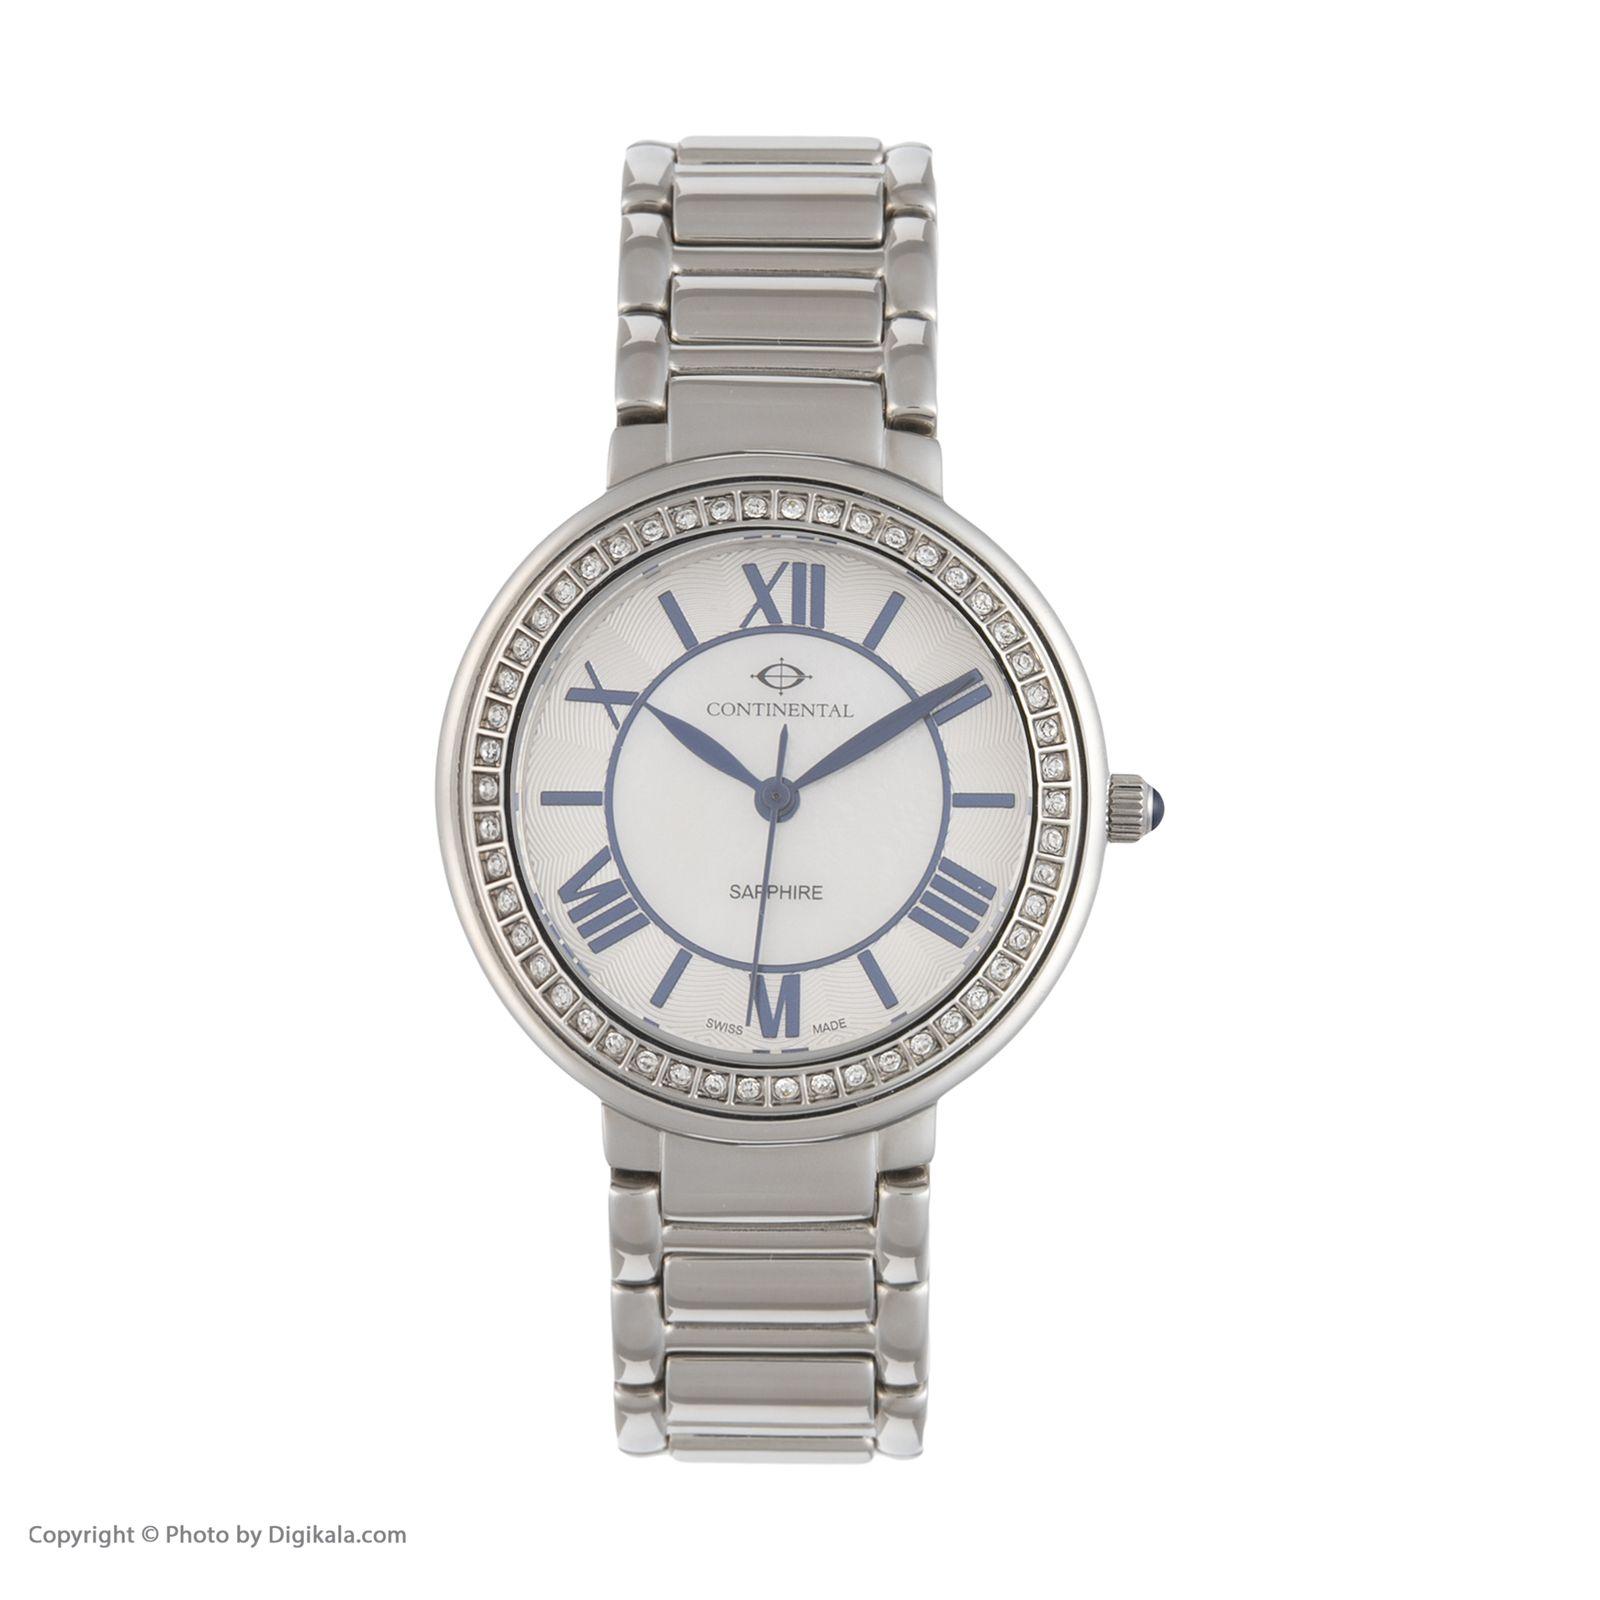 ساعت مچی عقربه ای زنانه کنتیننتال مدل 16103-LT101511 -  - 1